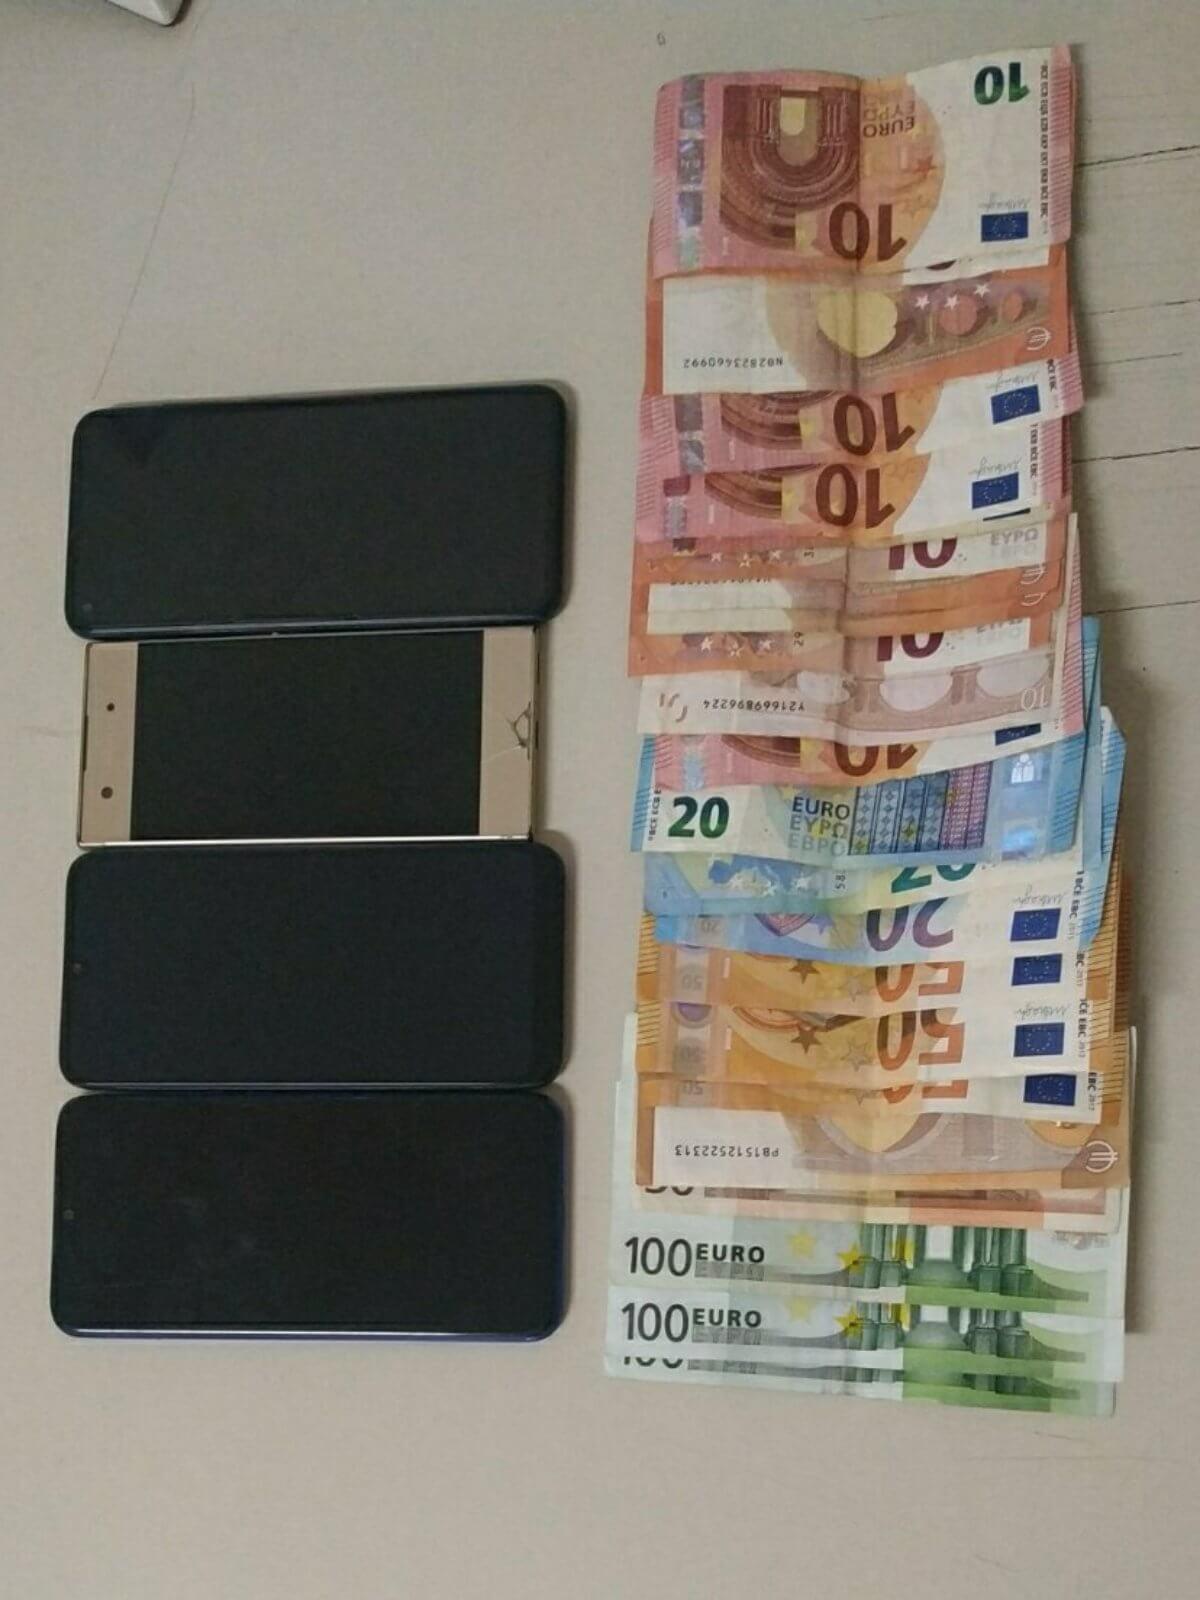 Φλώρινα : Σύλληψη δύο ατόμων για παράνομη μεταφορά αλλοδαπών